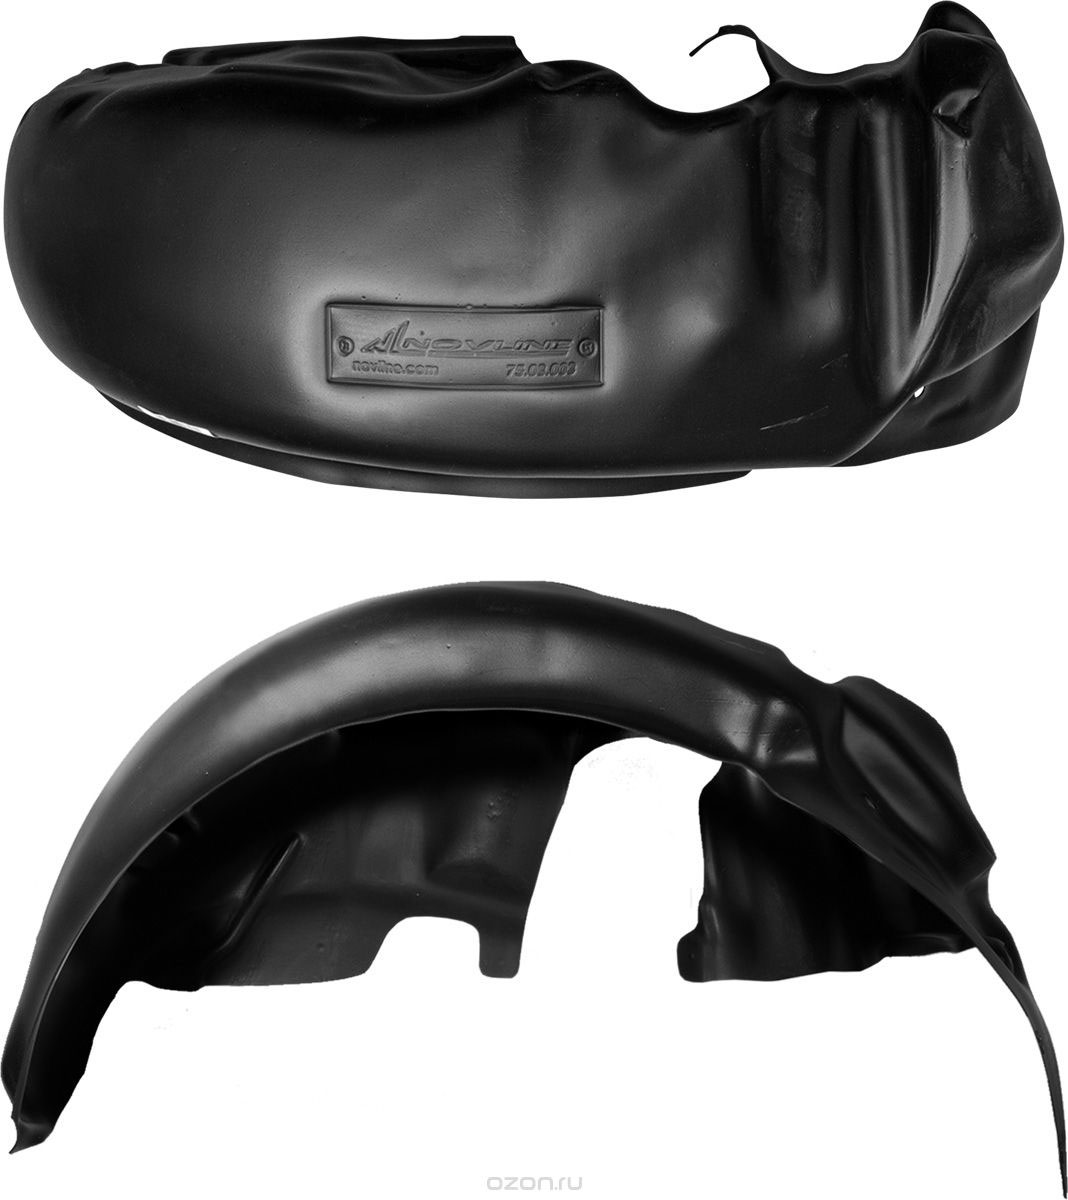 Подкрылок Novline-Autofamily, для Toyota LC200, 11/2007-2011, 2012-2015, 2015->, внедорожник, задний правыйNLL.48.63.004Идеальная защита колесной ниши. Локеры разработаны с применением цифровых технологий, гарантируют максимальную повторяемость поверхности арки. Изделия устанавливаются без нарушения лакокрасочного покрытия автомобиля, каждый подкрылок комплектуется крепежом. Уважаемые клиенты, обращаем ваше внимание, что фотографии на подкрылки универсальные и не отражают реальную форму изделия. При этом само изделие идет точно под размер указанного автомобиля.